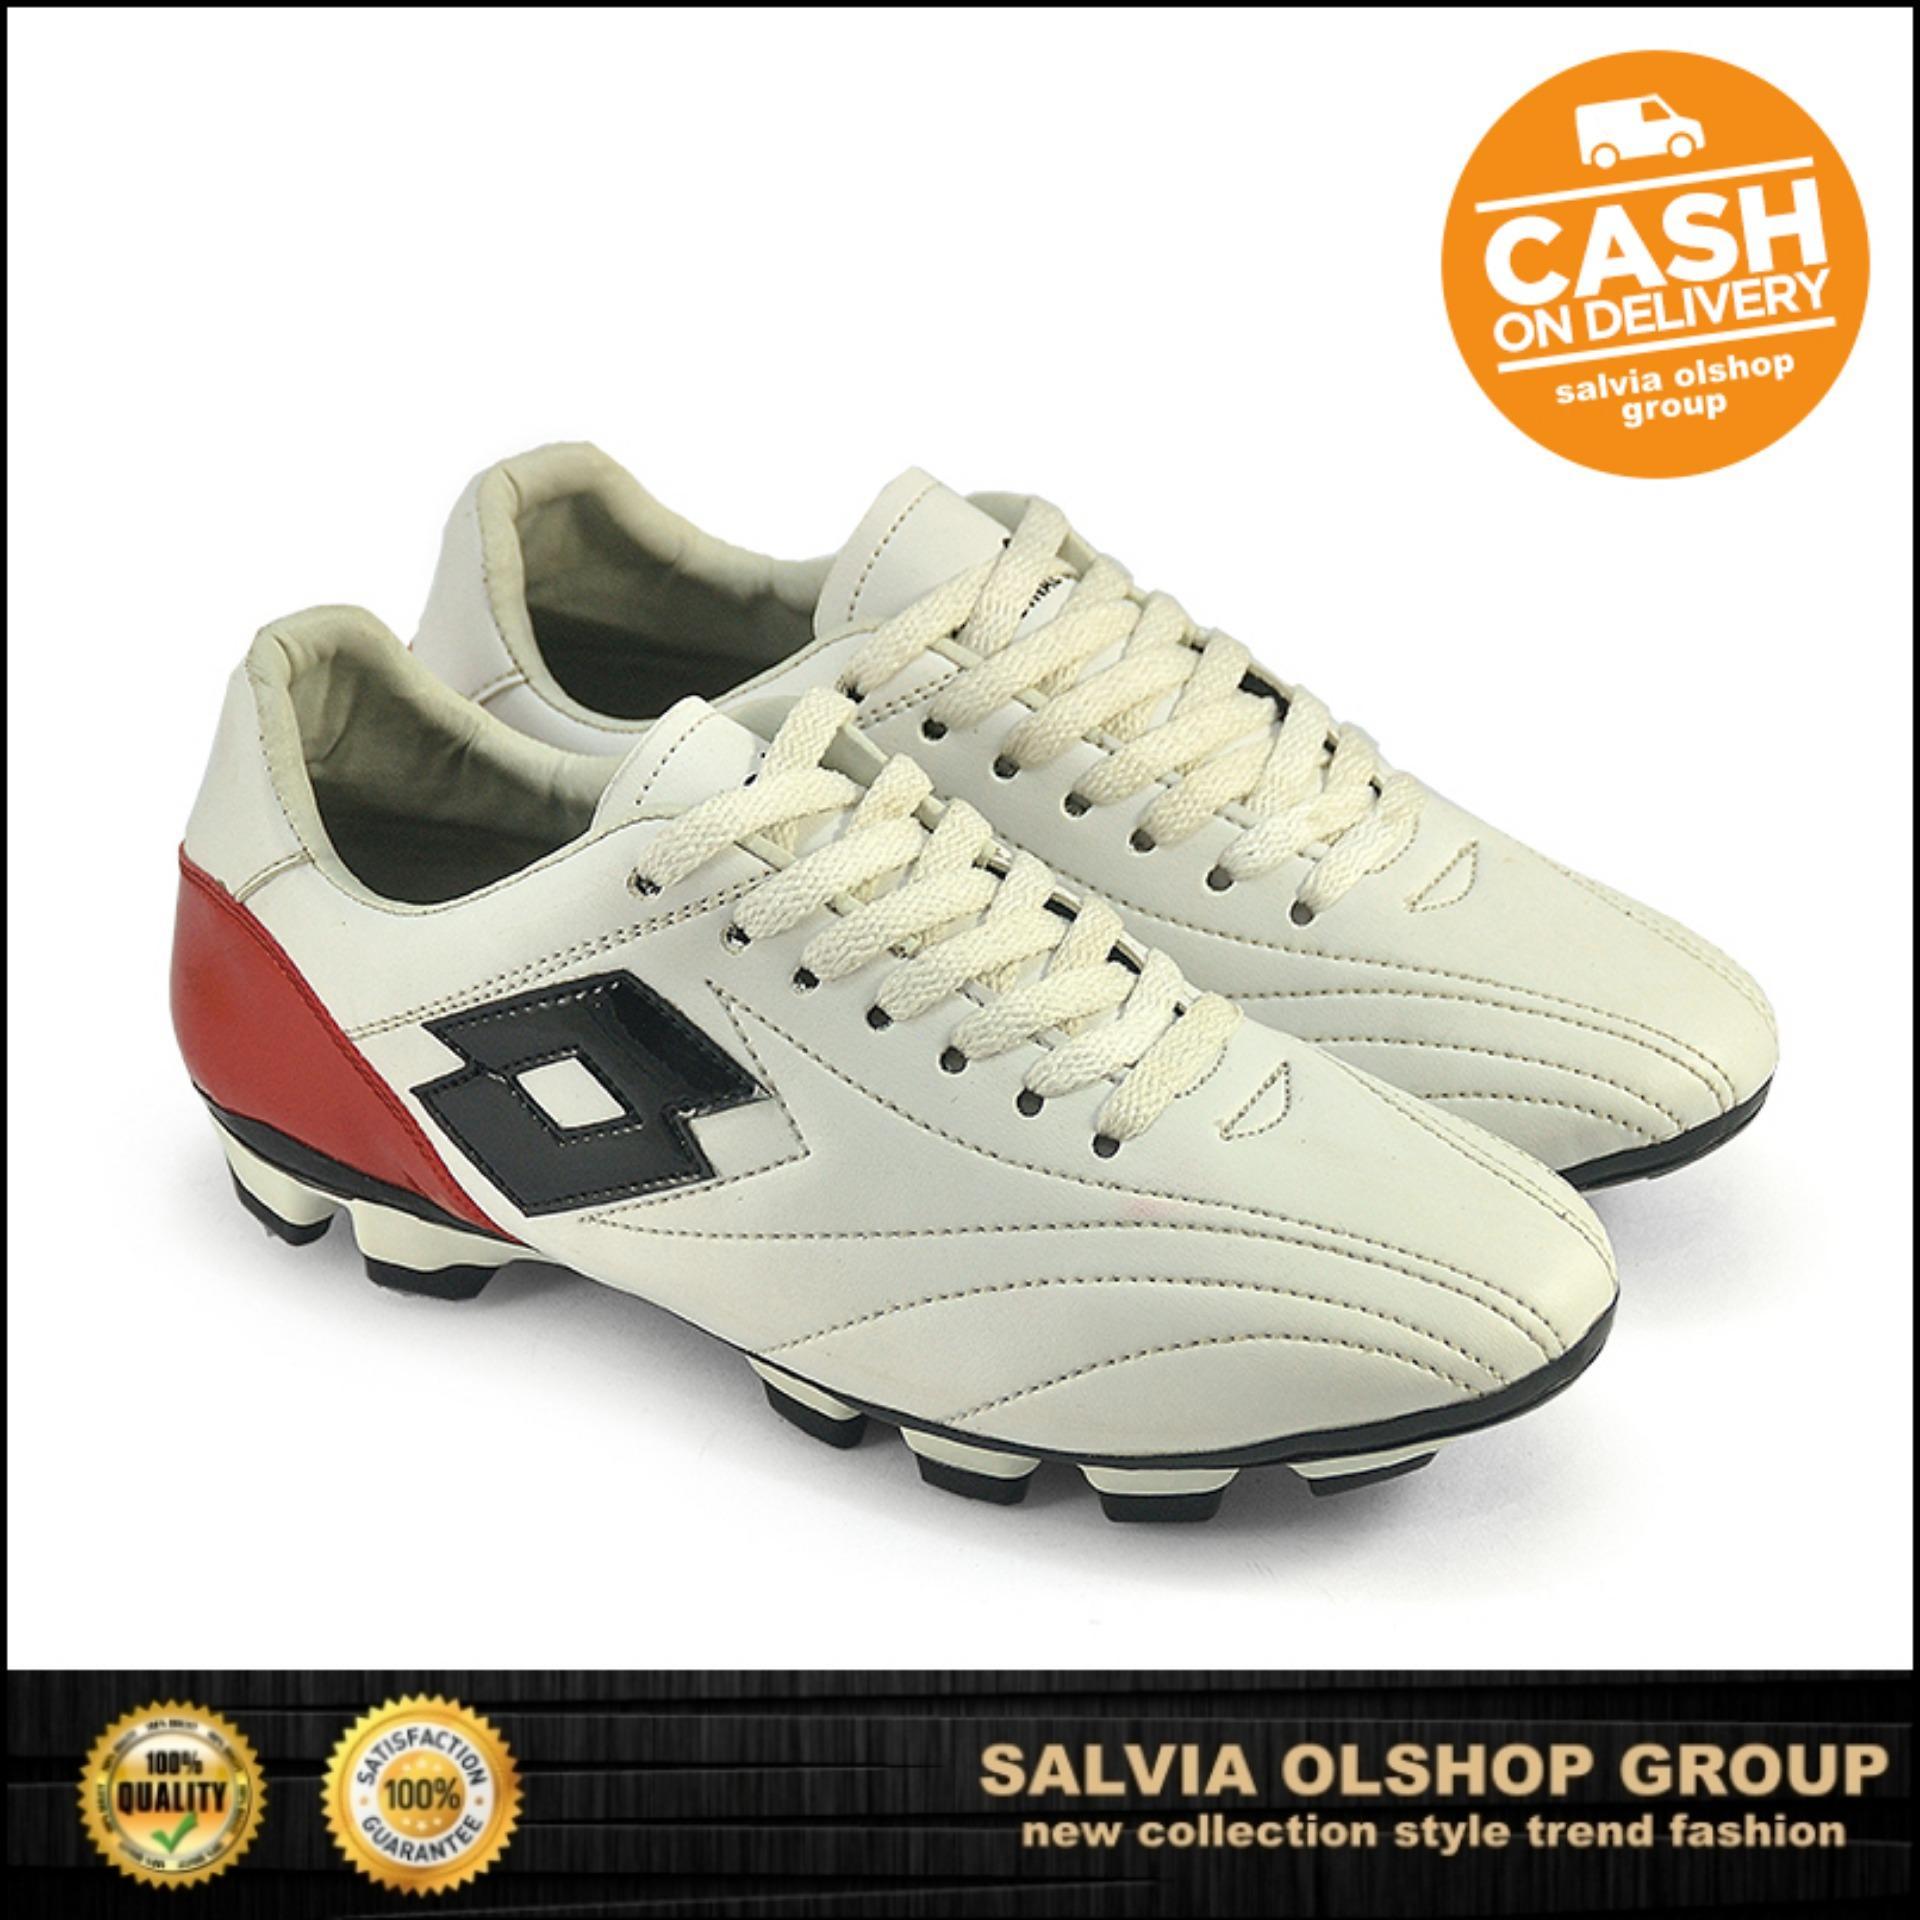 Sepatu Sepak Bola Model Terbaru Java Seven S 116 - Sintetis - Putih 8d787d66d2